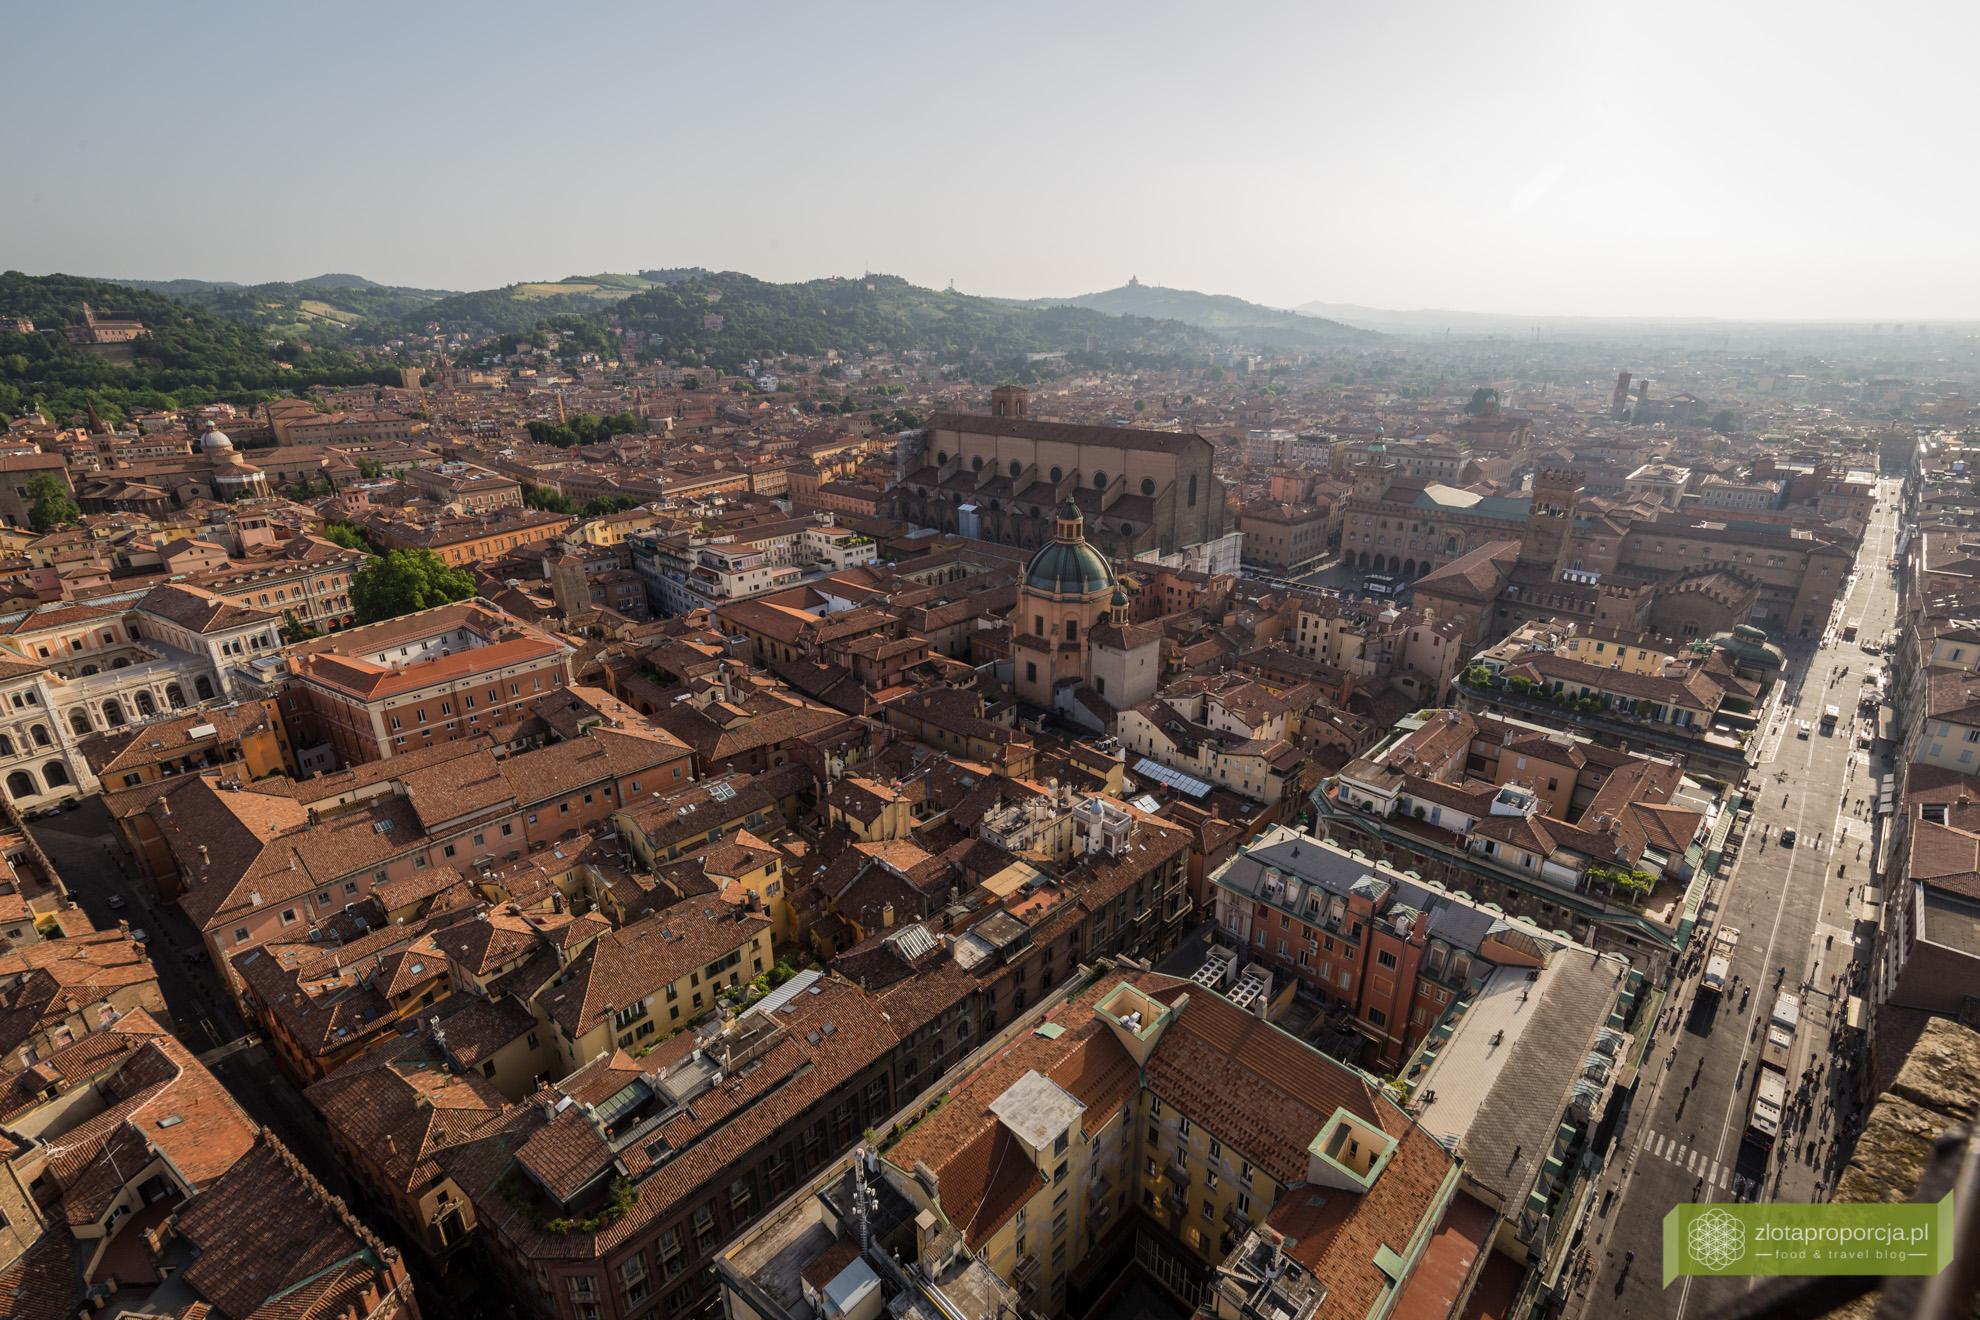 Bolonia, atrakcje Bolonii, zwiedzanie Bolonii, Due Torri, wieże w Bolonii, Emilia Romania,